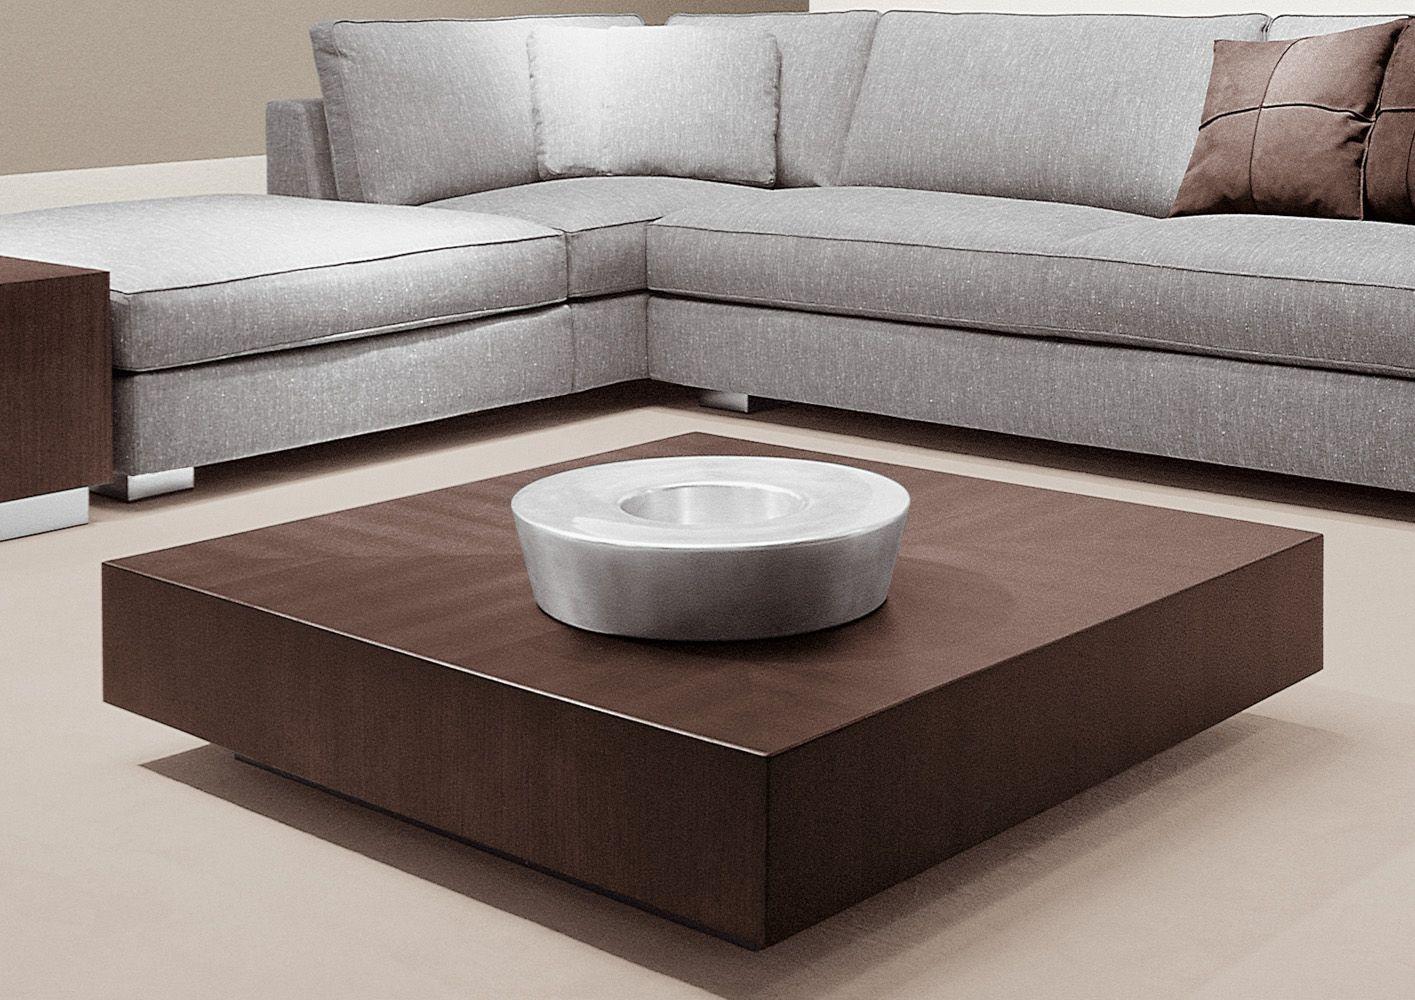 minotti albers side table  archicad kakaa furniture  pinterest  - minotti albers side table  archicad kakaa furniture  pinterest  tables